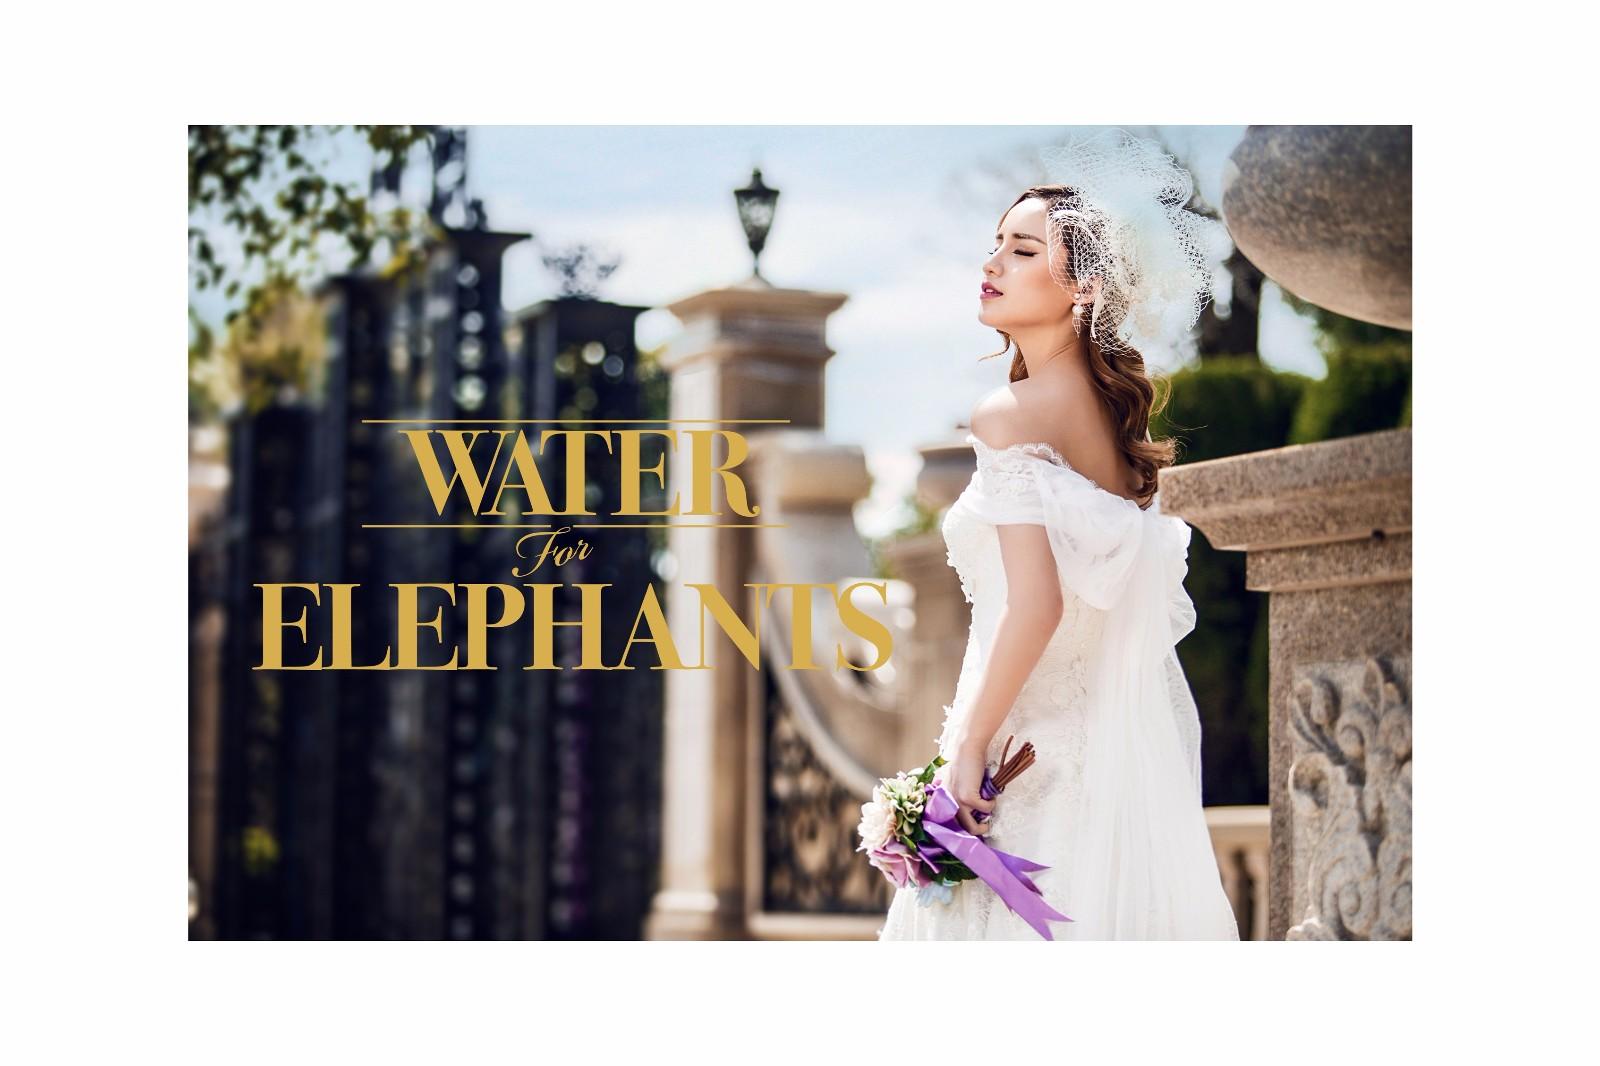 婚礼摄影哪里好,口碑信誉都是不可少的